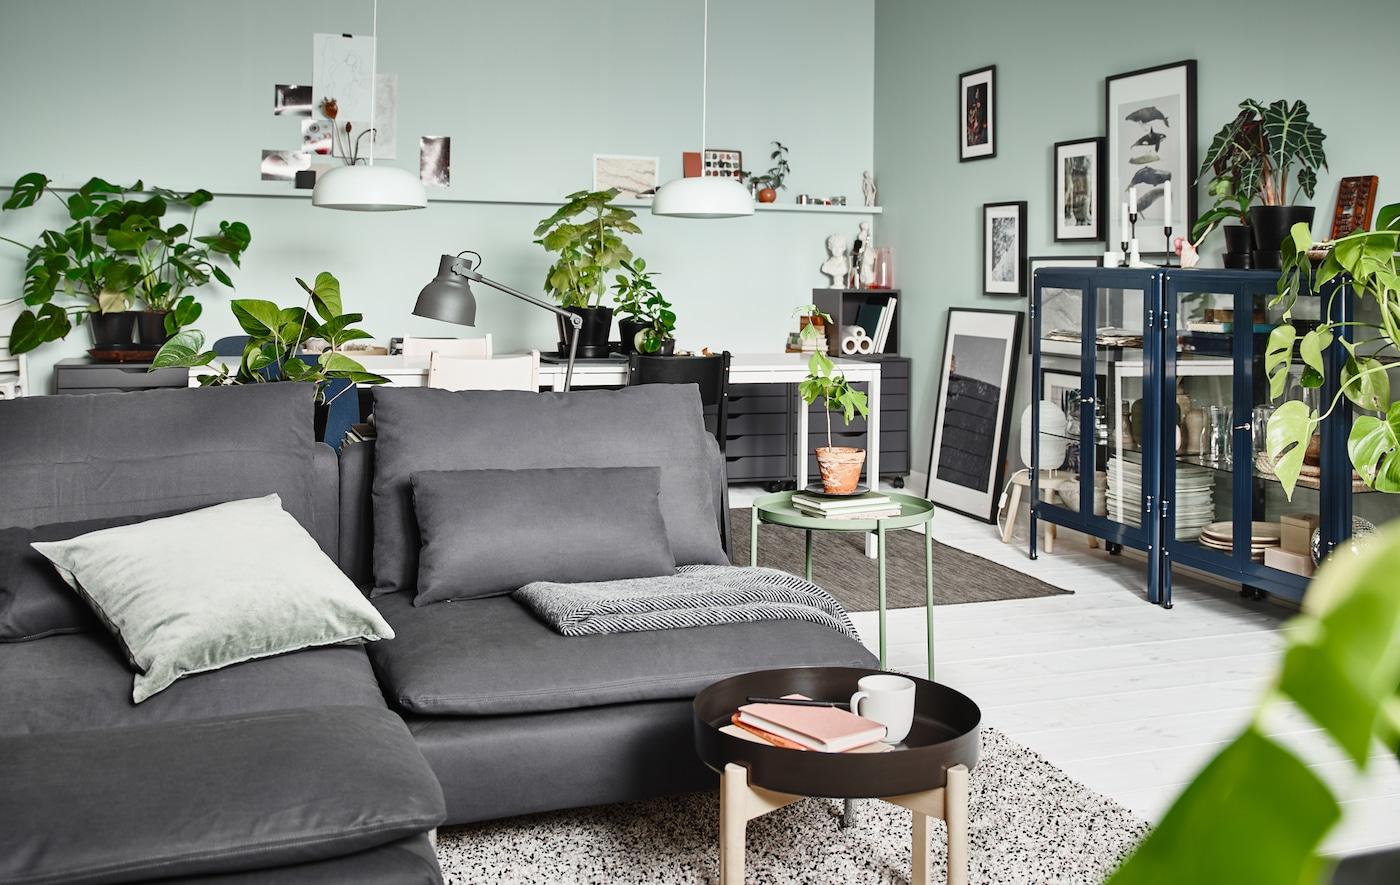 Ein traumhaftes Wohnzimmer, geschaffen von IKEA Inneneinrichterin Therese Ericsson. Das Ergebnis ihrer Arbeit ist ein kuschelig-warmes Wohnzimmer im skandinavischen Stil mit jeder Menge Details, Funktionalismus (Stücke aus den 30ern und 60ern) und ein paar traditionelleren Stücken.